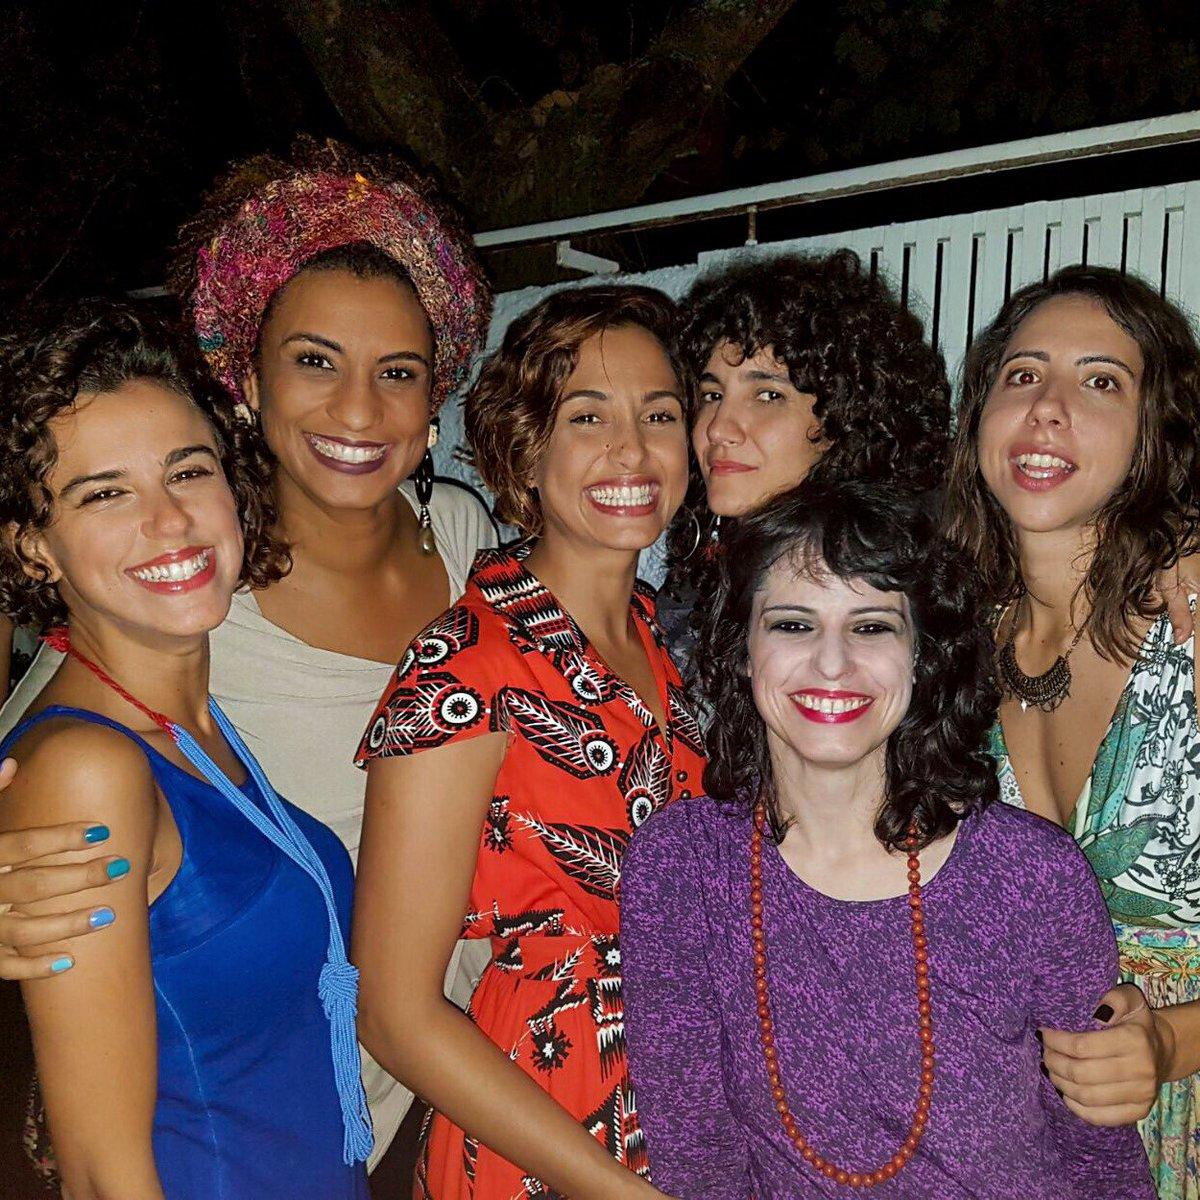 Pitangão 🅱️ -'s photo on #MariellePresente